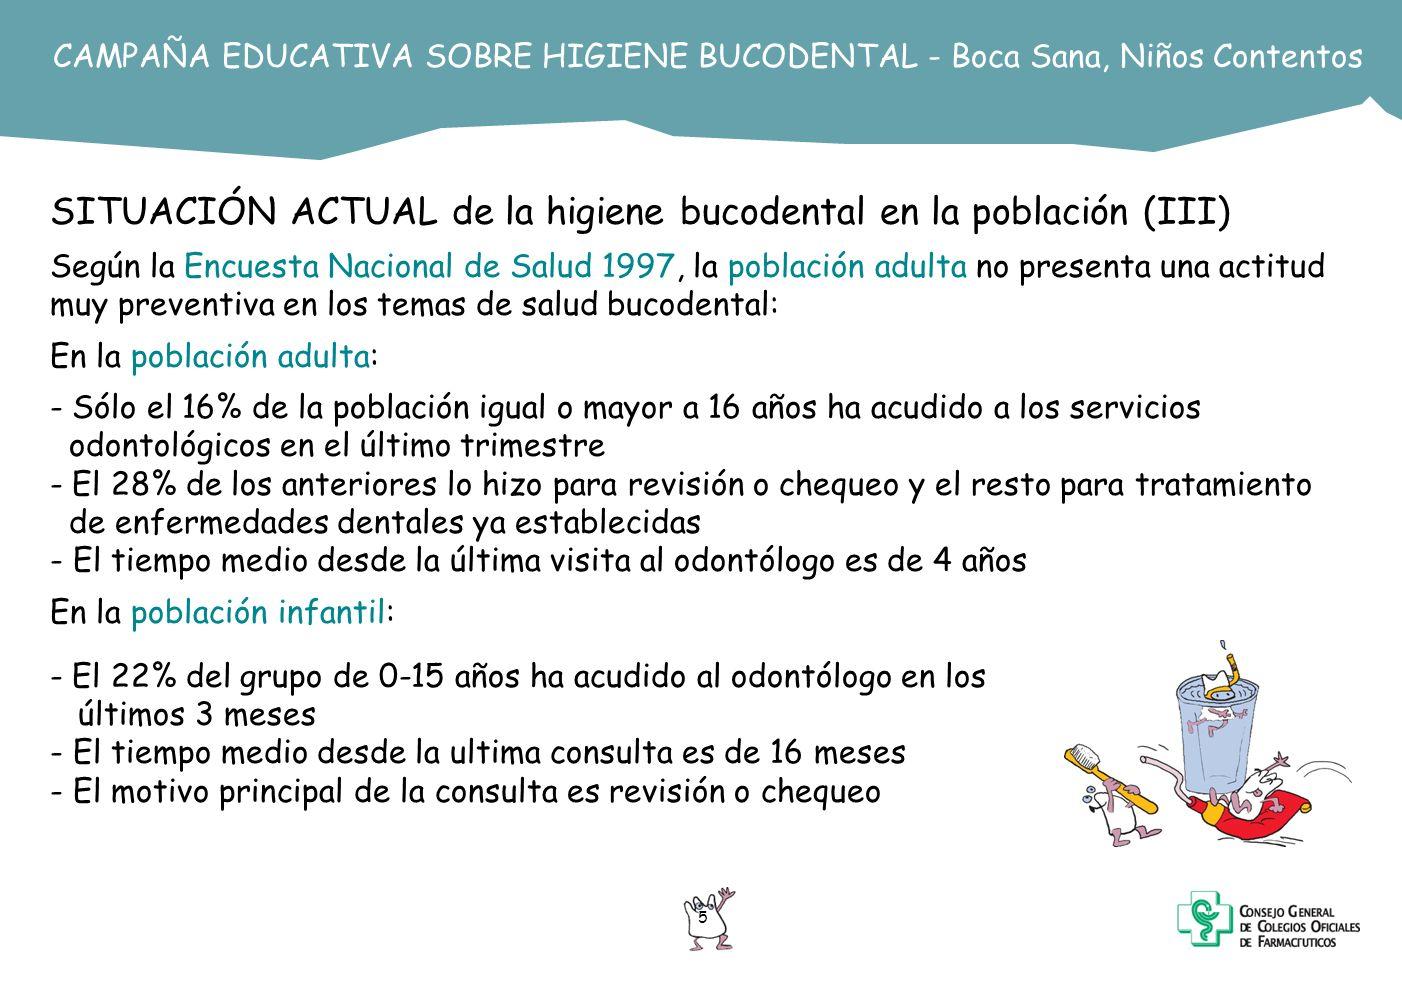 CAMPAÑA EDUCATIVA SOBRE HIGIENE BUCODENTAL - Boca Sana, Niños Contentos ACTUACIÓN DE LOS COF Designación de un coordinador por parte de cada COF Presentación de la Campaña en el CGCOF Presentación de la Campaña a los farmacéuticos participantes en cada COF Recogida de los datos de las escuelas y del número de niños a los que se impartirán las charlas (documento 1) Petición de material al CGCOF Recogida de las encuestas 16